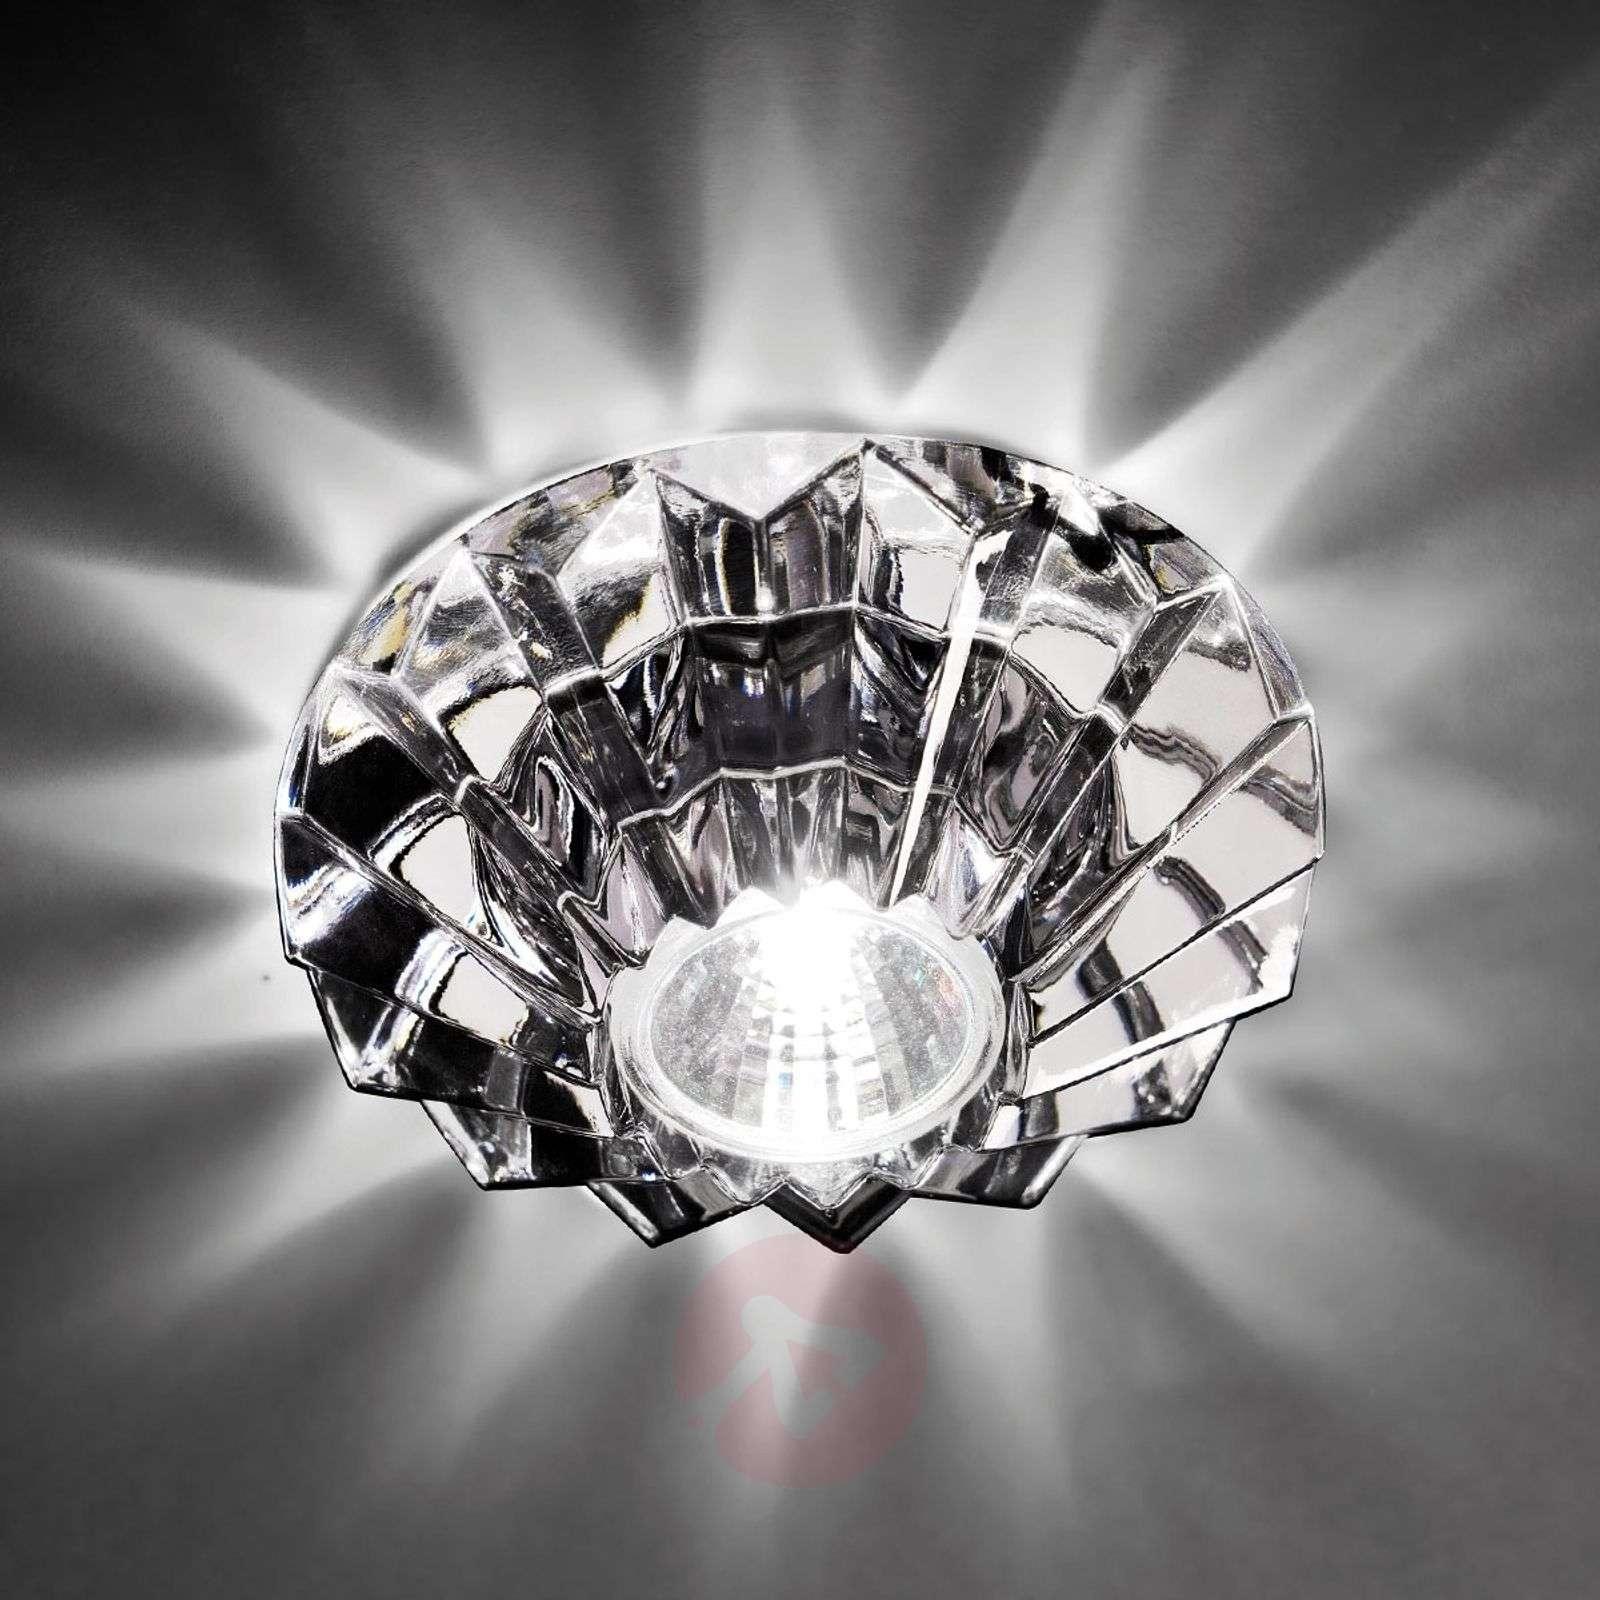 Nashir-upotettava valonheitin lyijykristallista-1088042-01